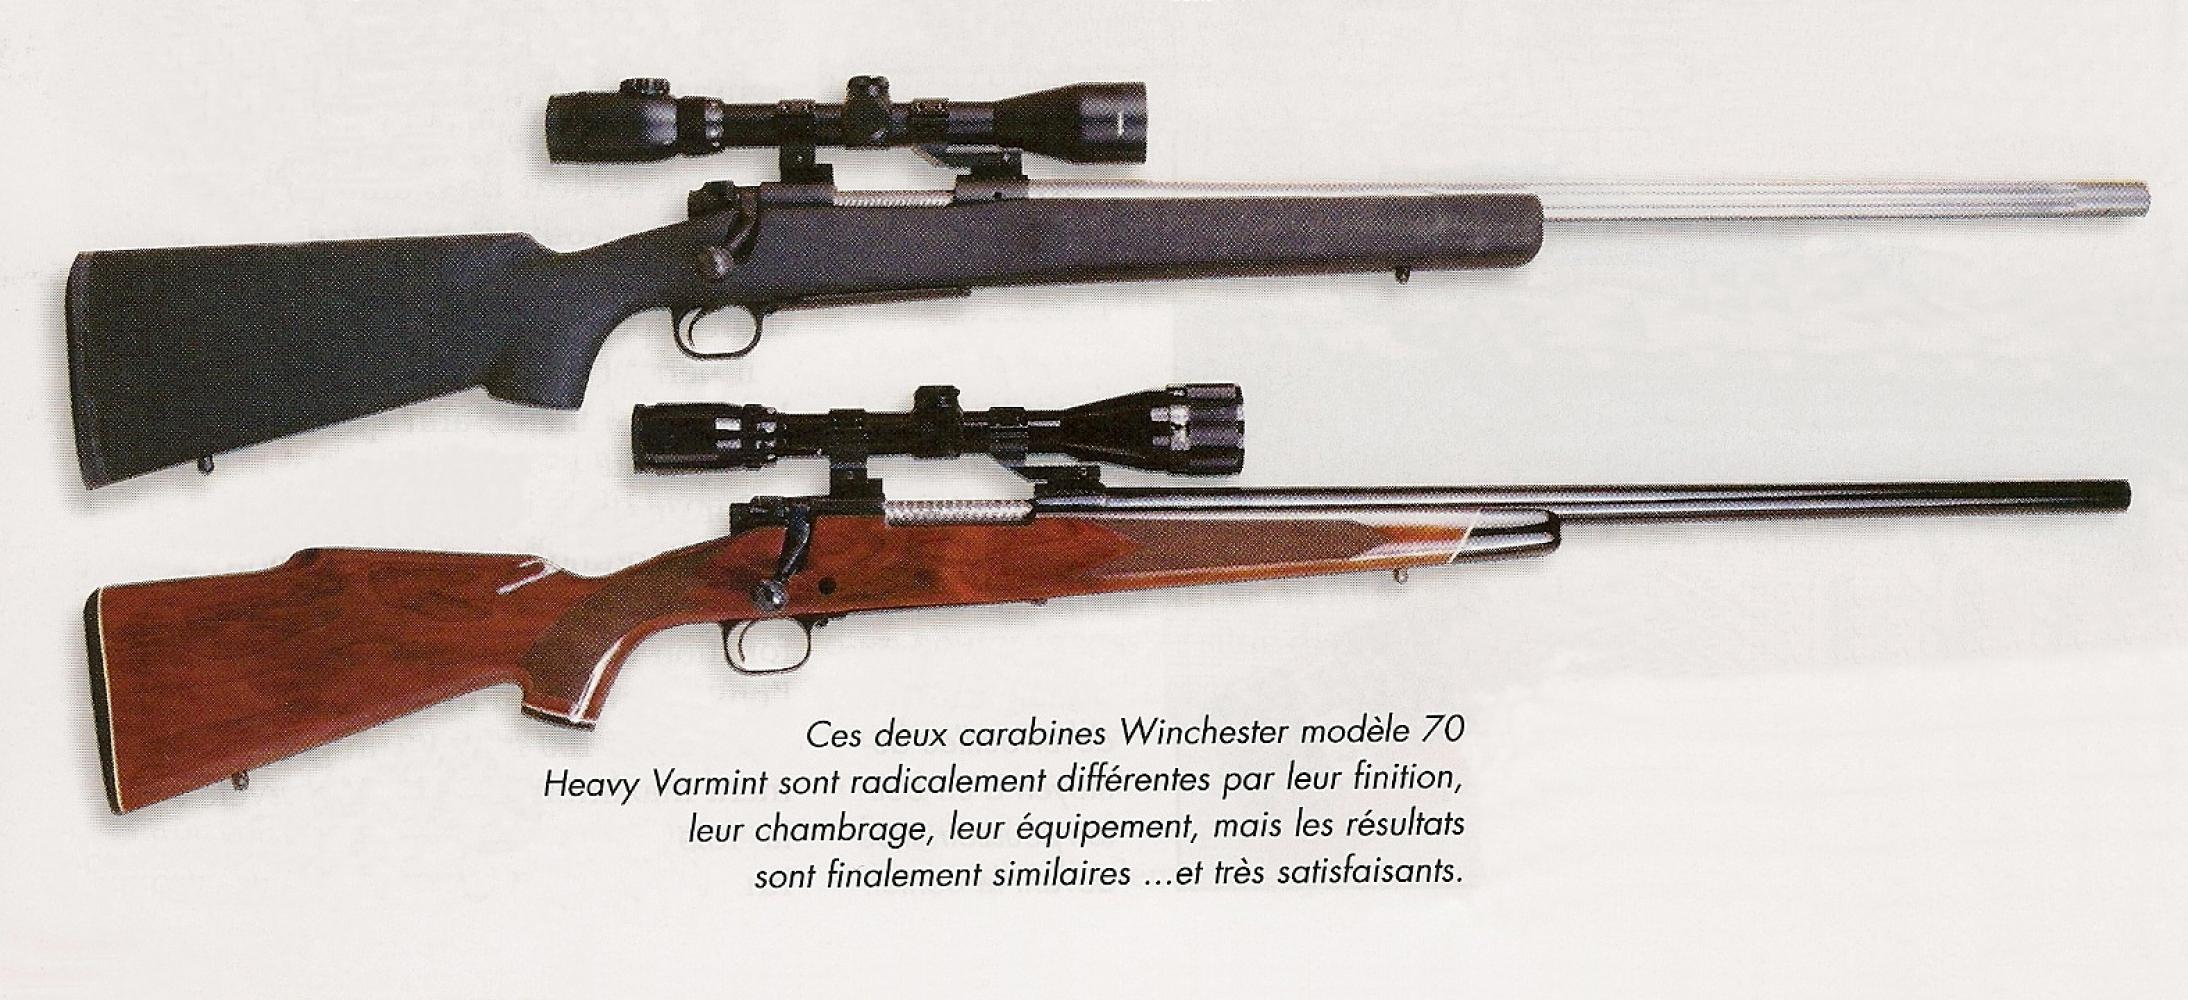 Ces deux carabines Winchester modèle 70 Heavy Varmint sont radicalement différentes par leur finition, leur chambrage et leur équipement, mais les résultats en cible sont finalement similaires... et très satisfaisants !